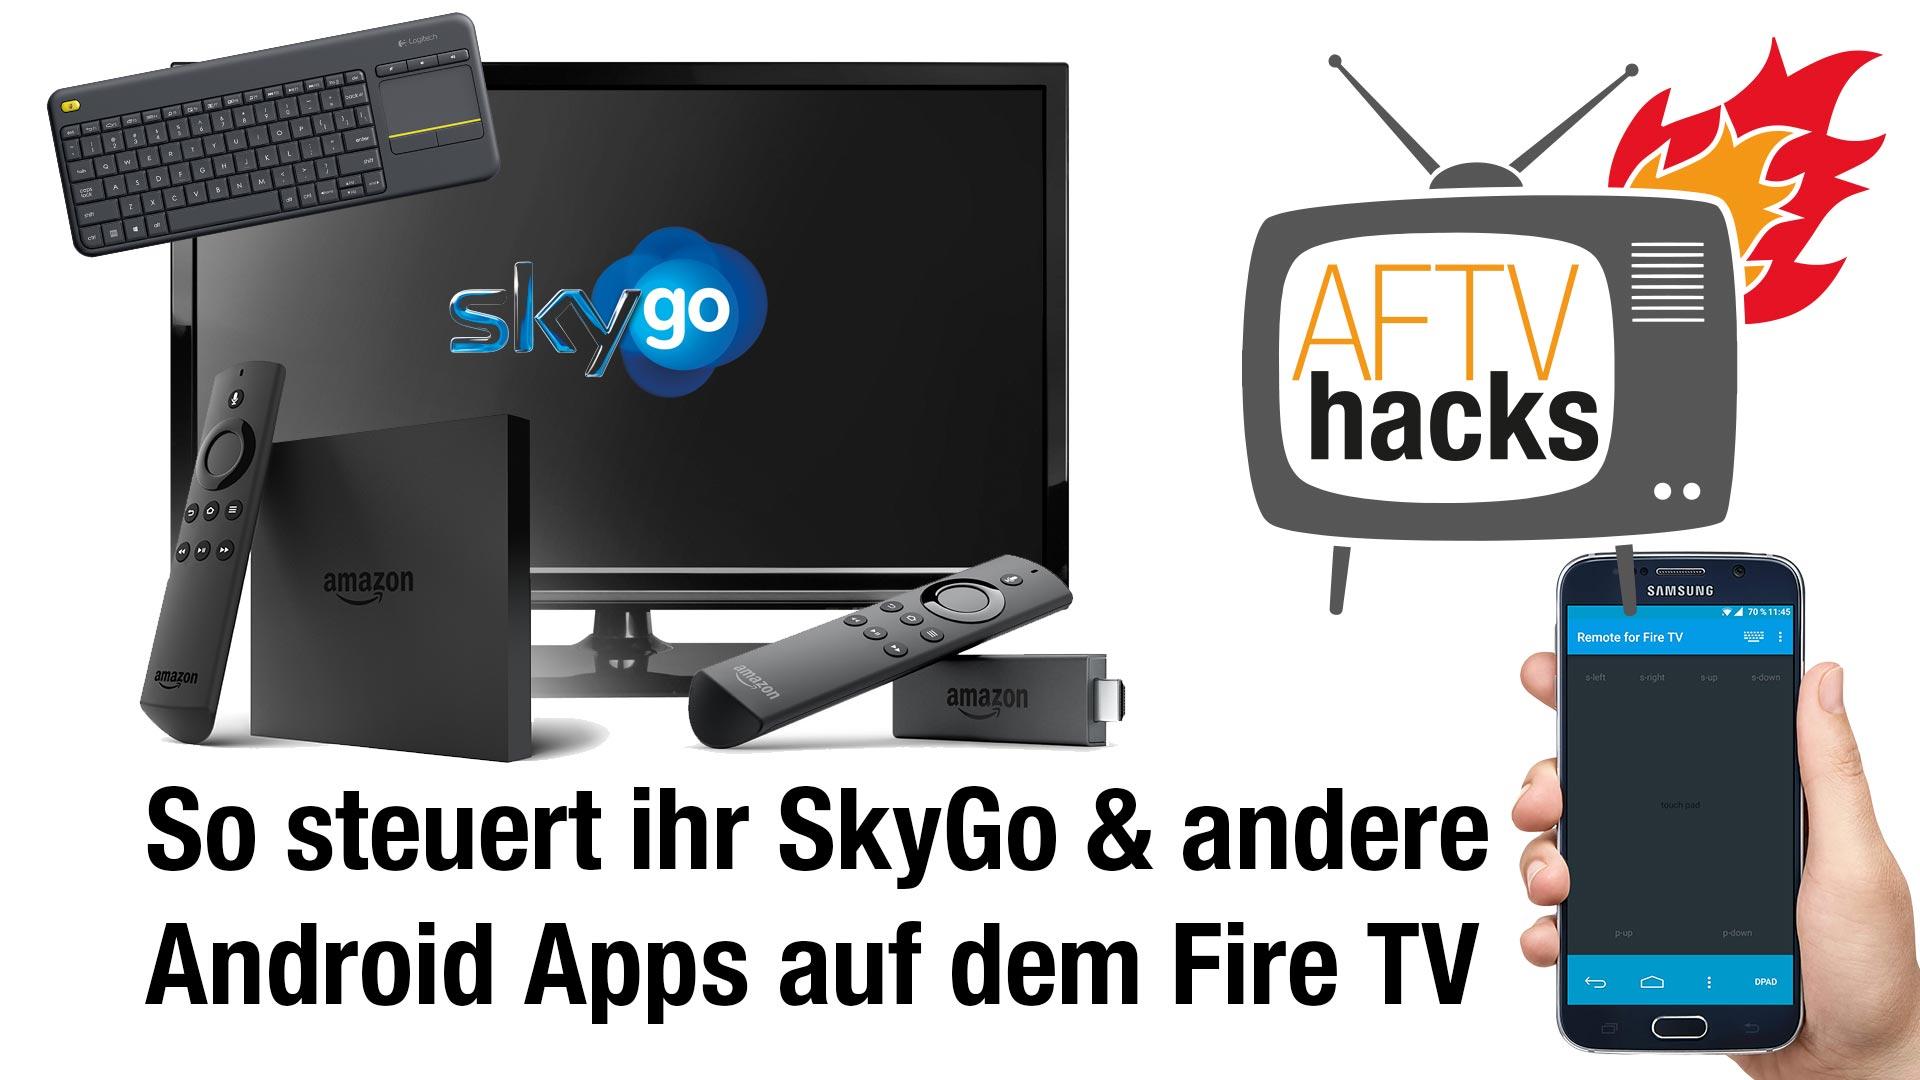 Wie man SkyGo & Co am besten auf dem Fire TV bedient